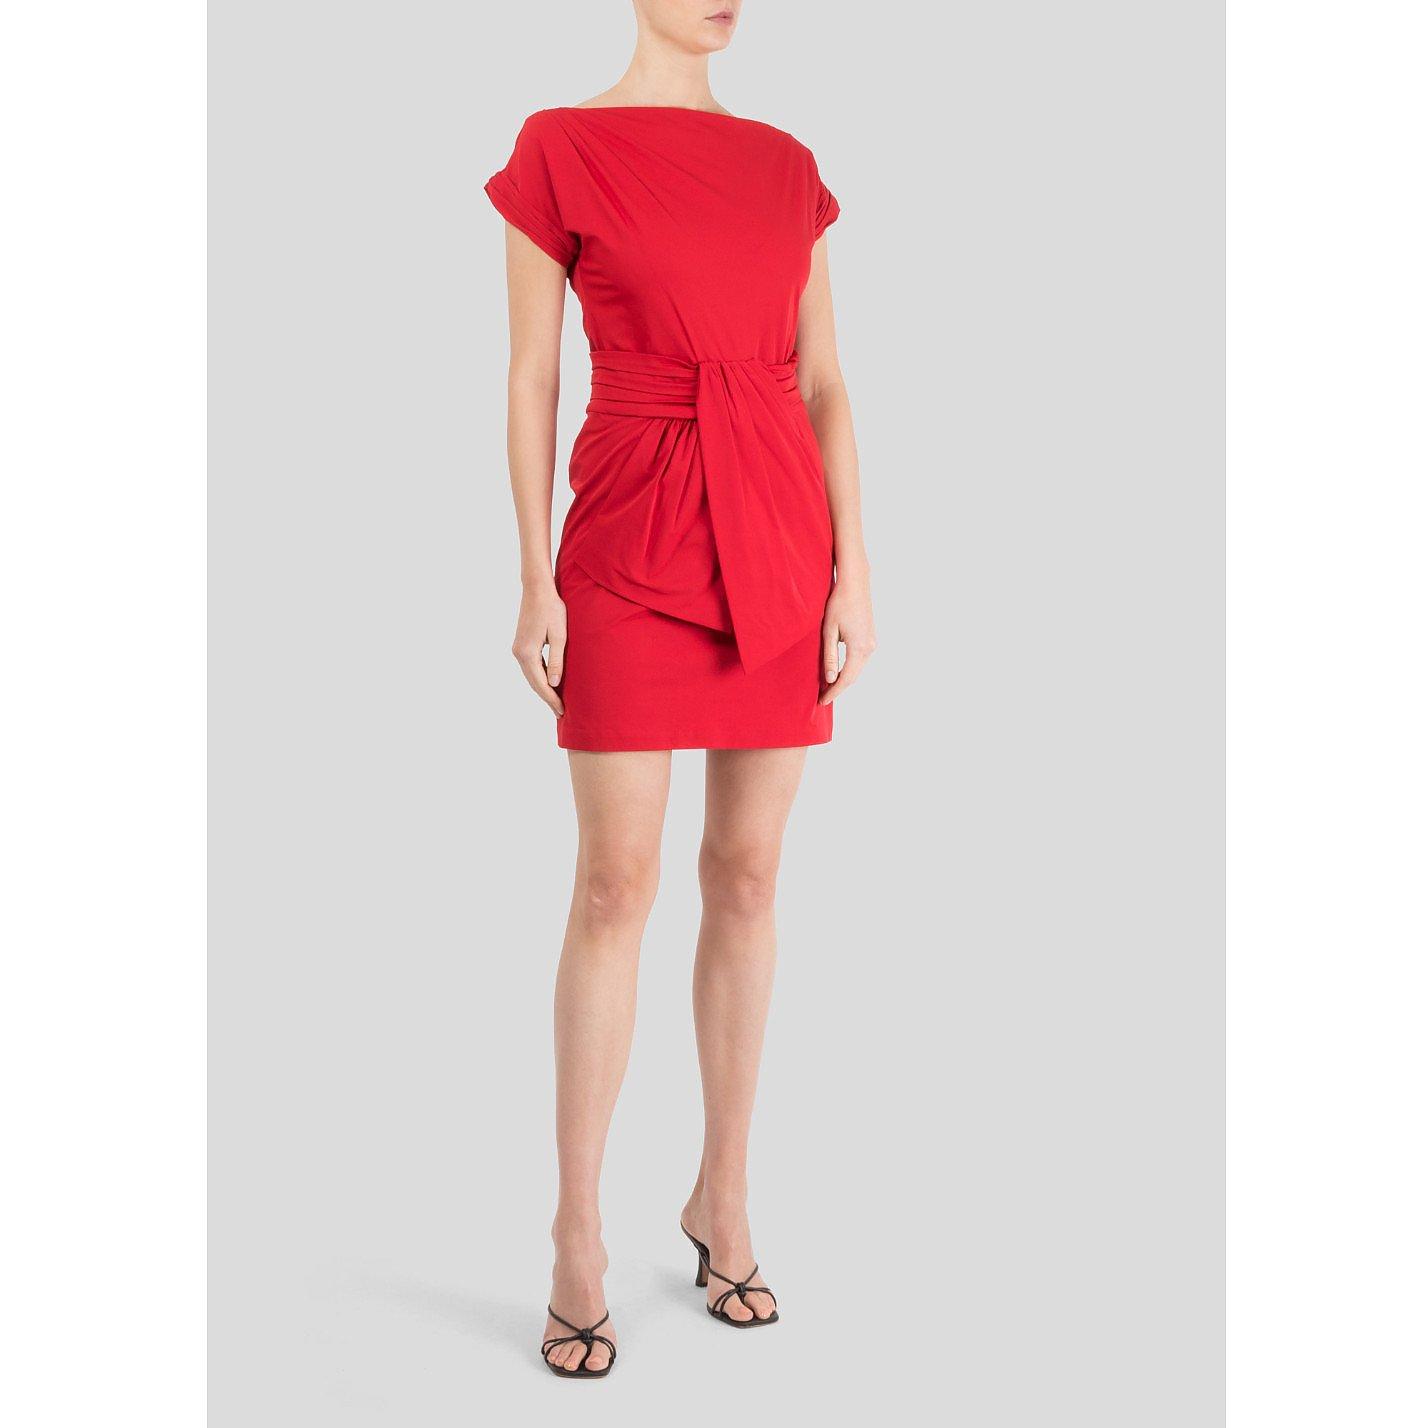 Diane von Furstenberg Gathered Mini Dress